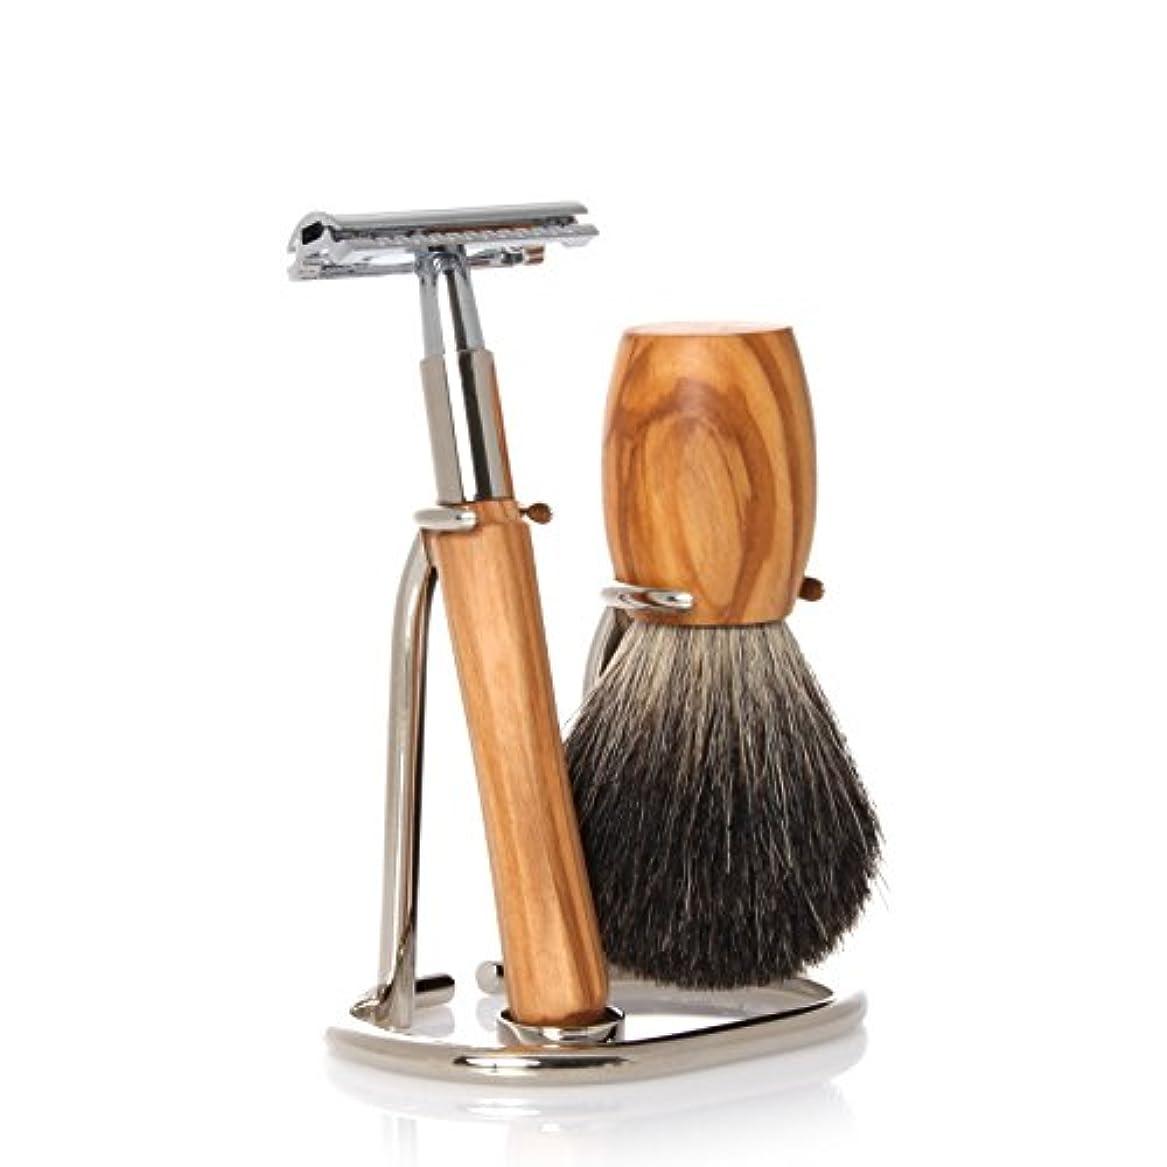 地理欠点習熟度GOLDDACHS Shaving Set, Safety razor, 100% badger hair, olive wood